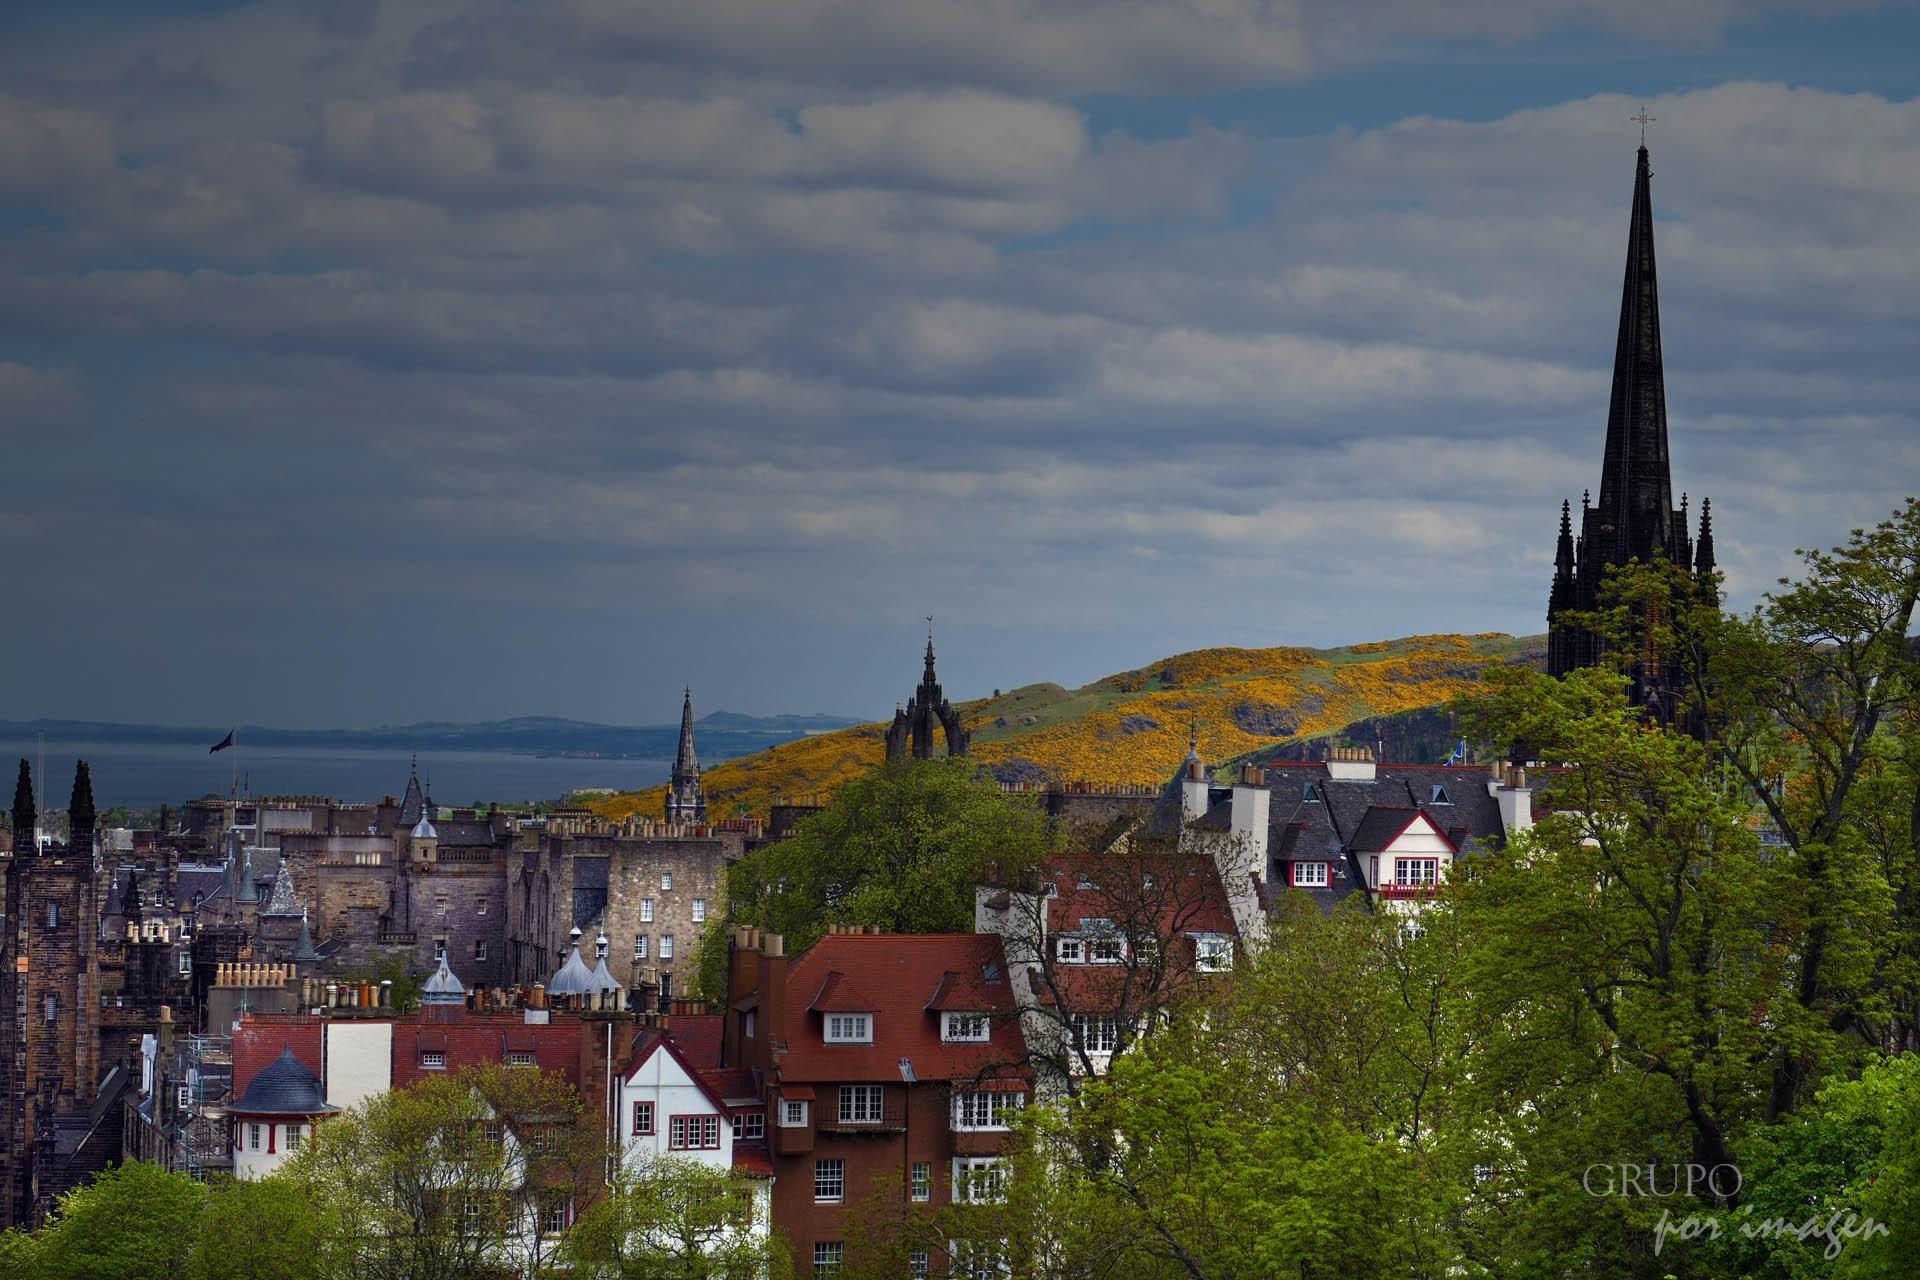 570 b Edimburgo (118) TAB / Efraín David